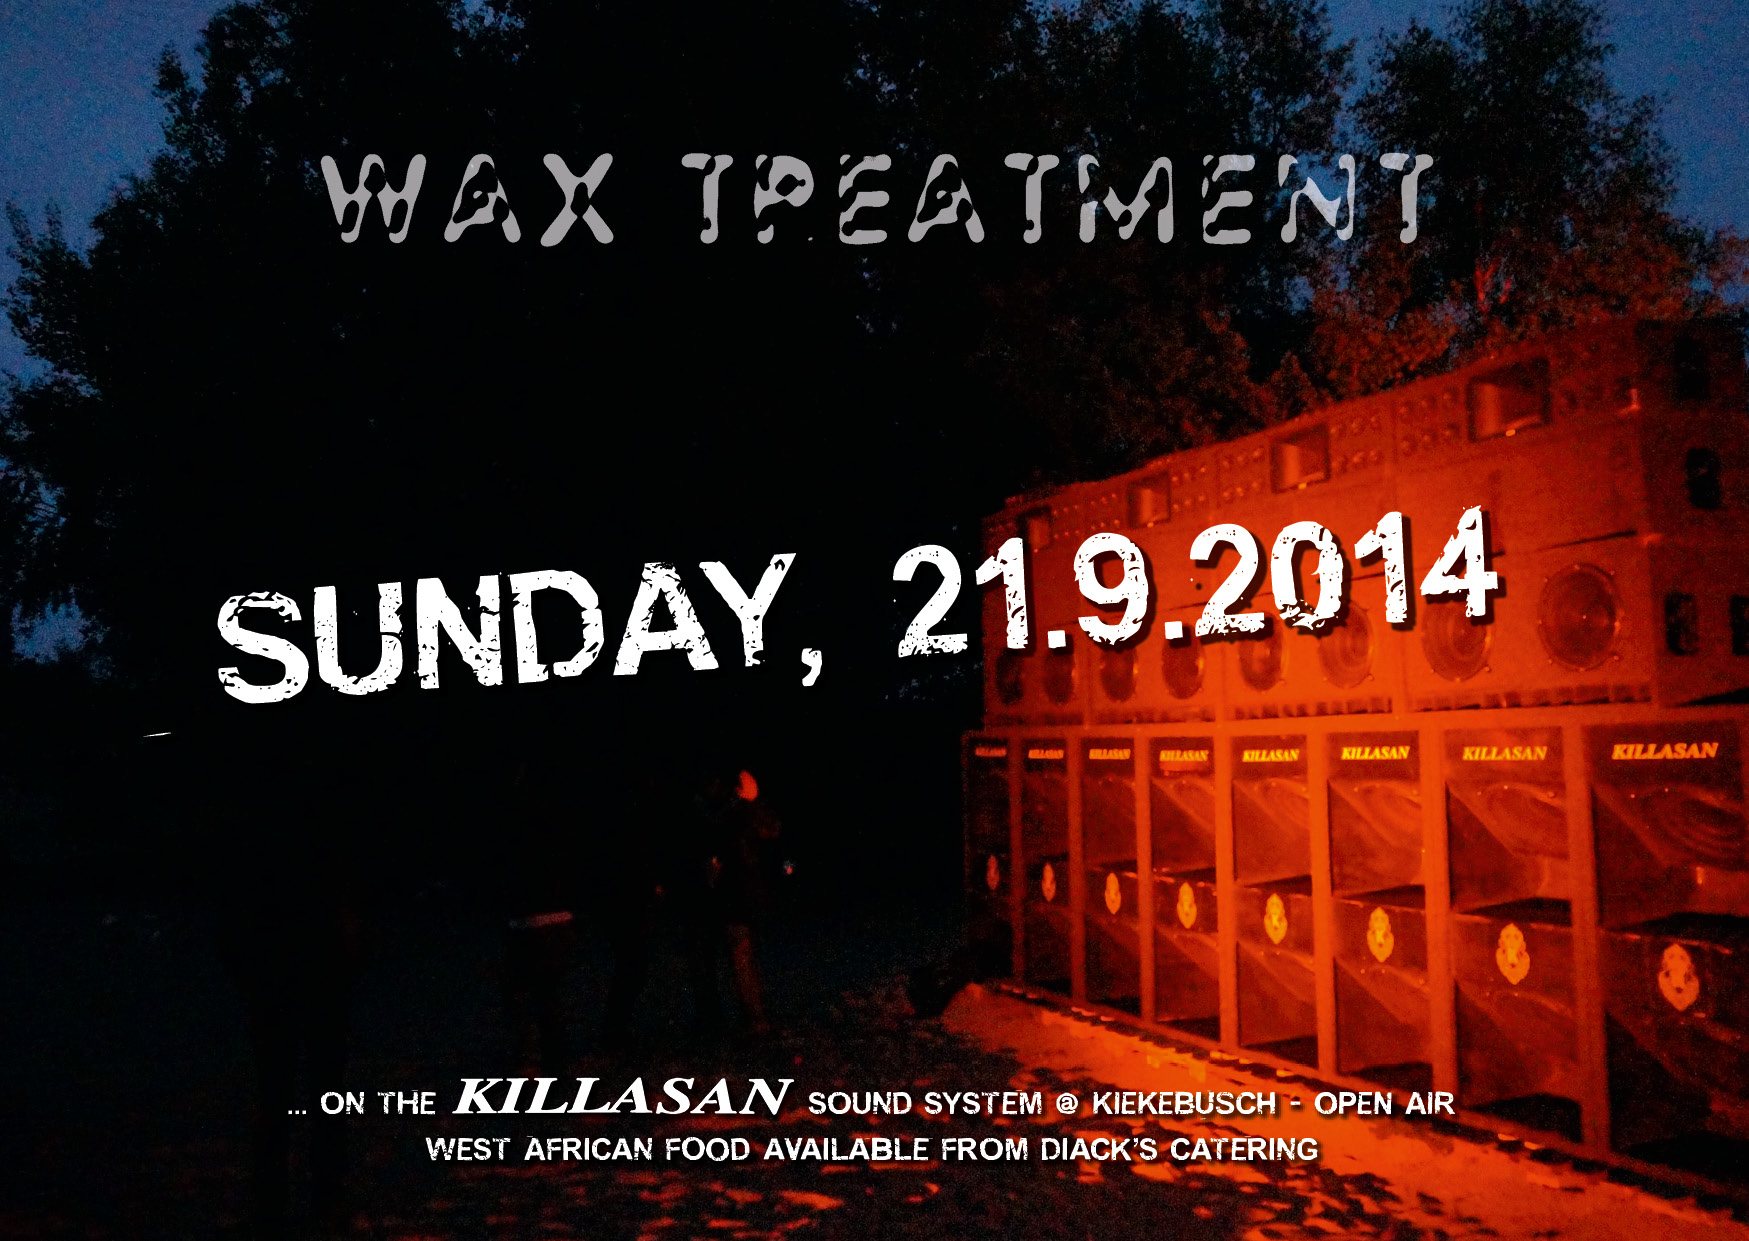 wax-treatment